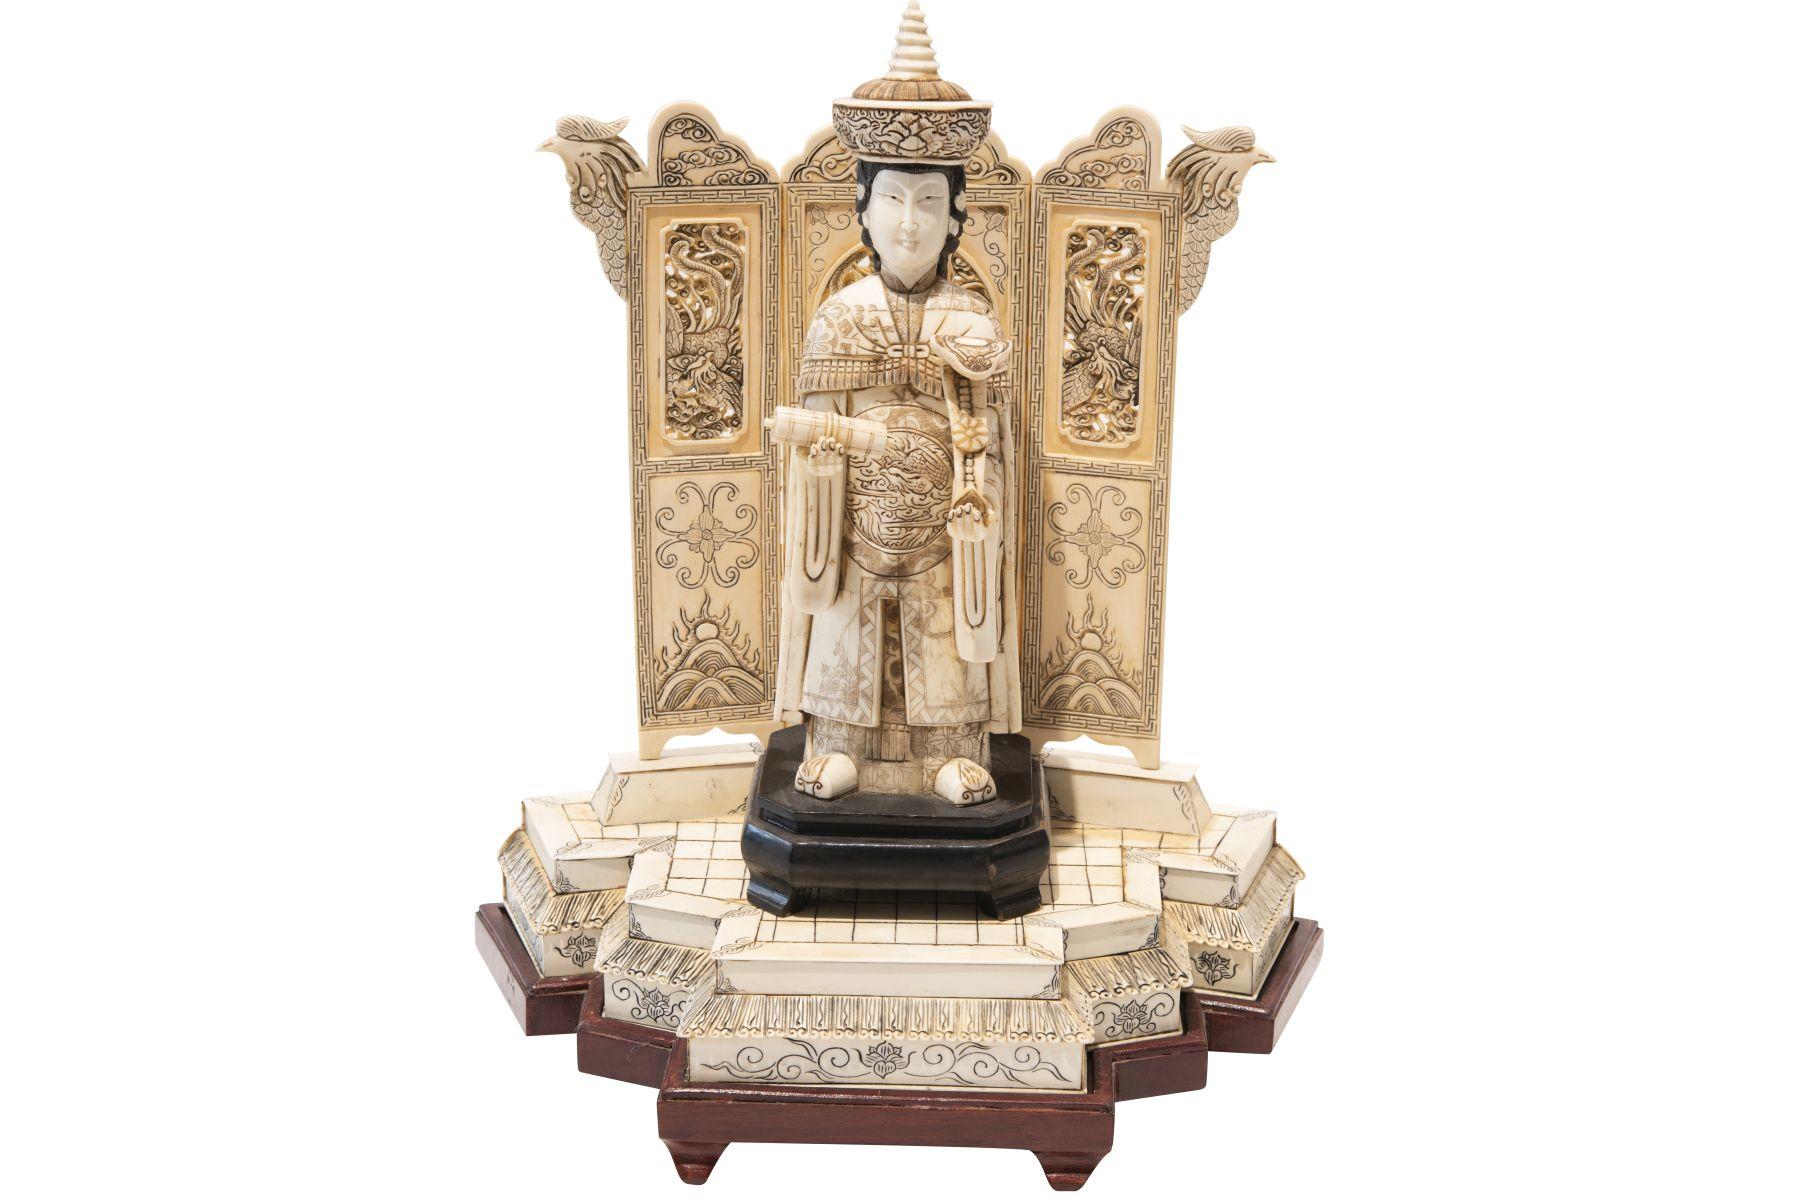 #9 Queen of China ivory | Herrscherin China Elfenbein Image